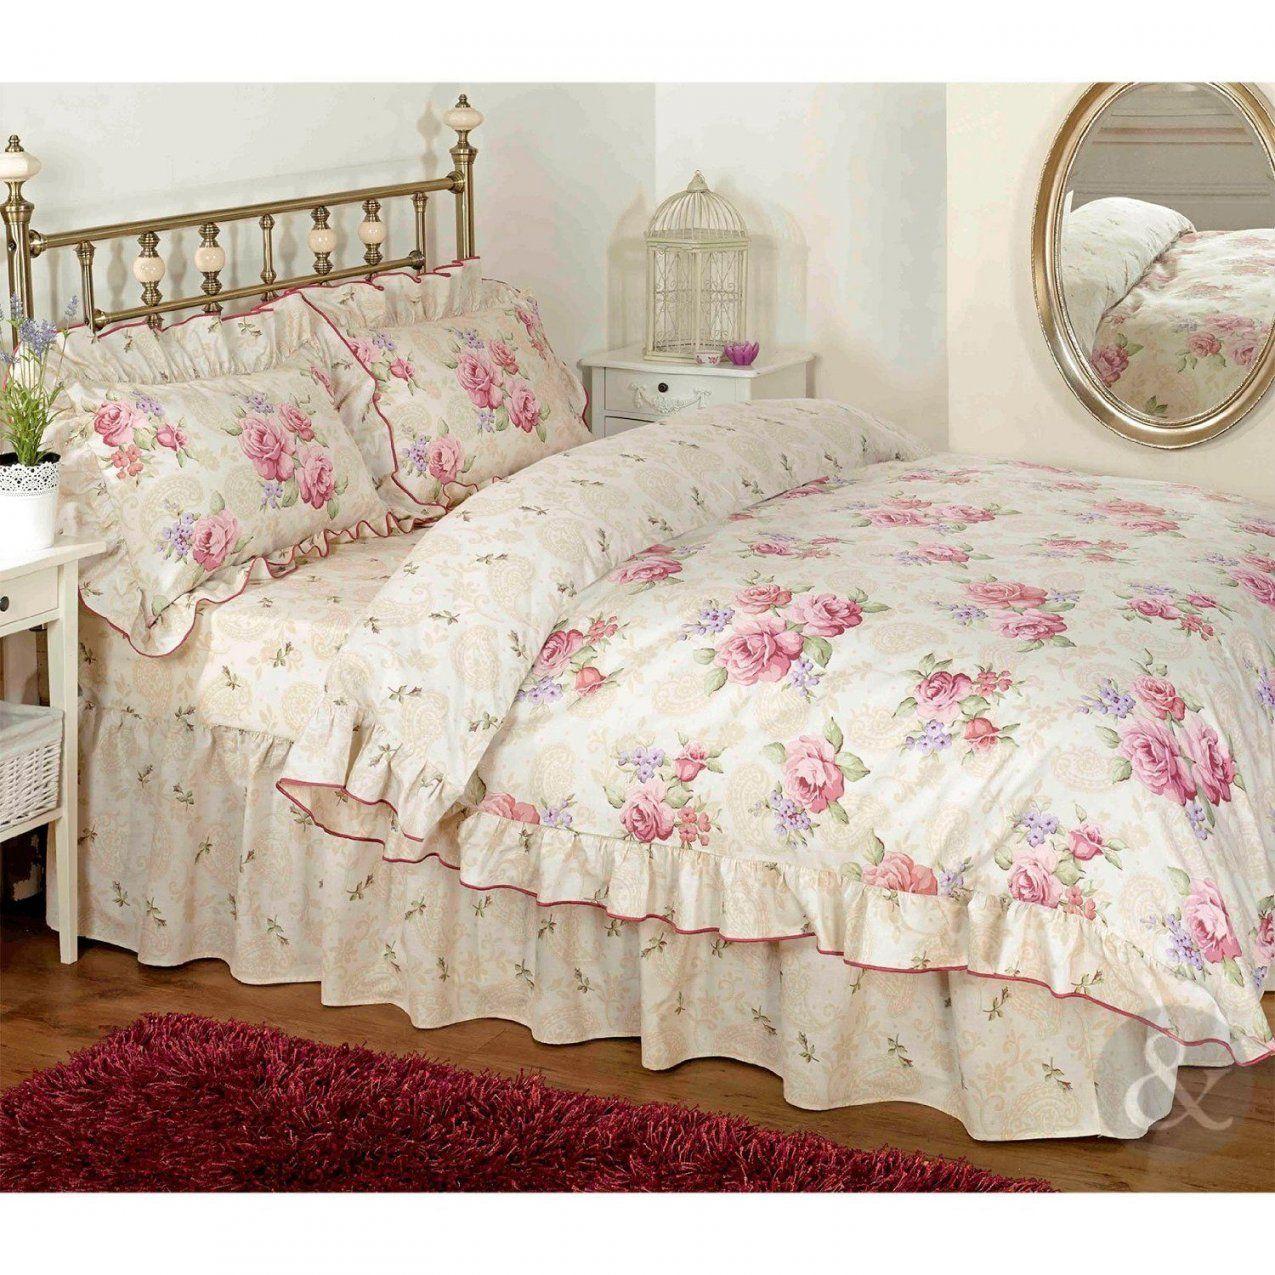 Vintage Floral Rüschen Bettwäsche Creme Beige Rosa Bettwäsche Set von Bettwäsche Weiß Rüschen Bild